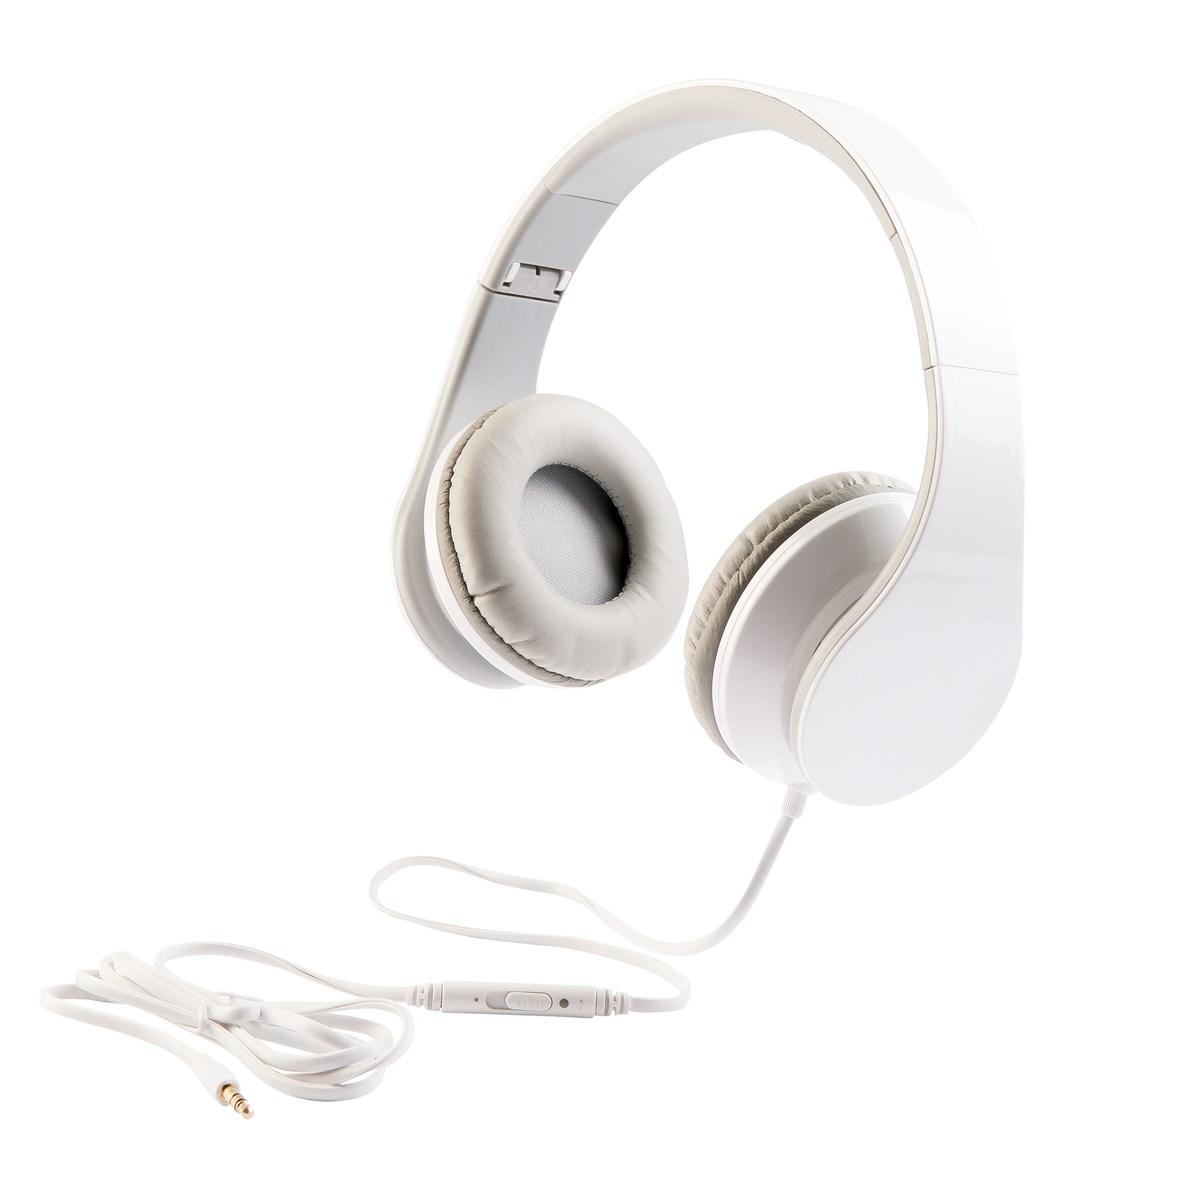 Casque stéréo Hi-Fi en plastique blanc